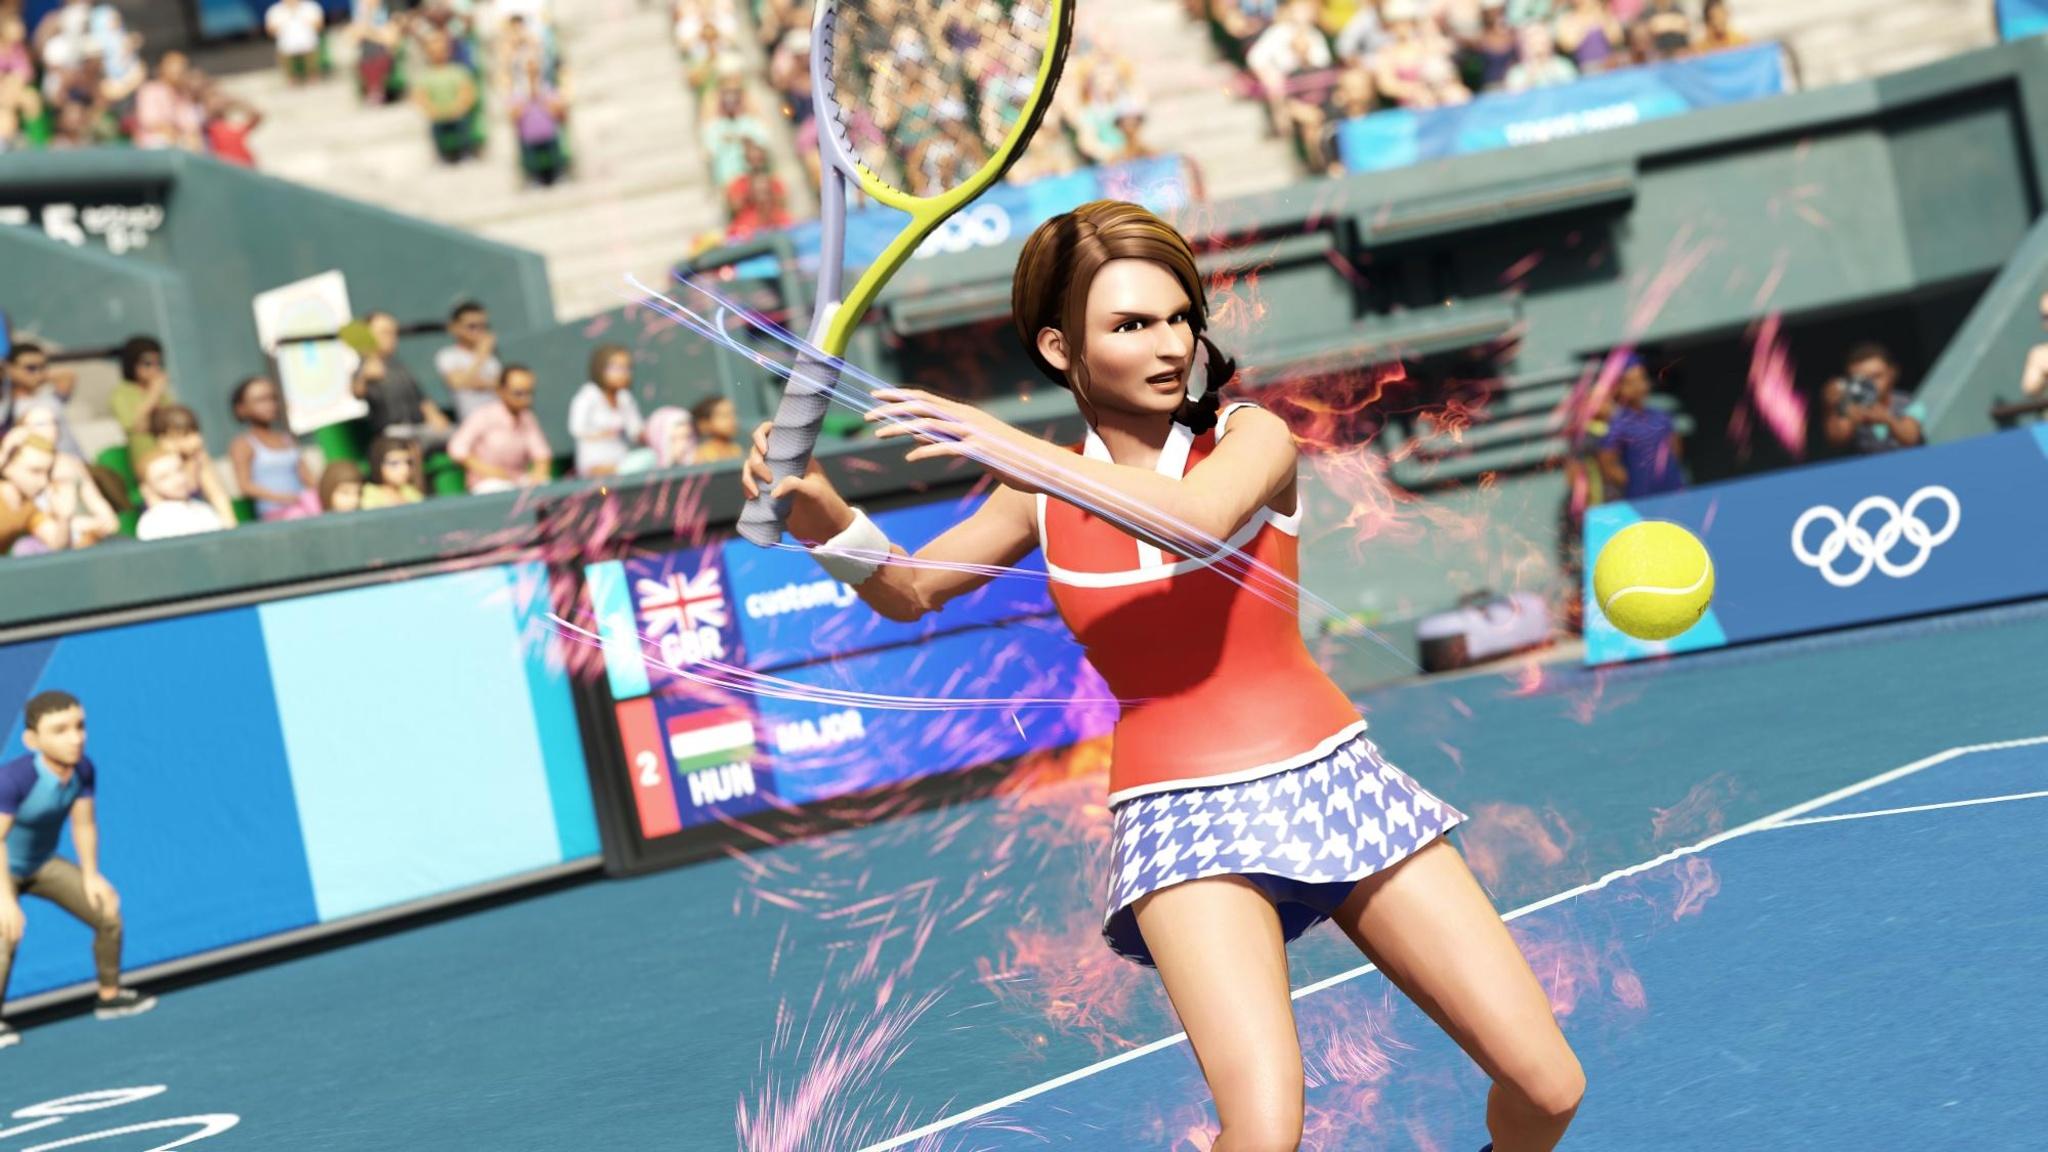 Olympische Spiele Tokyo 2020 Sega Veroffentlicht Offizielles Videospiel Im Juni